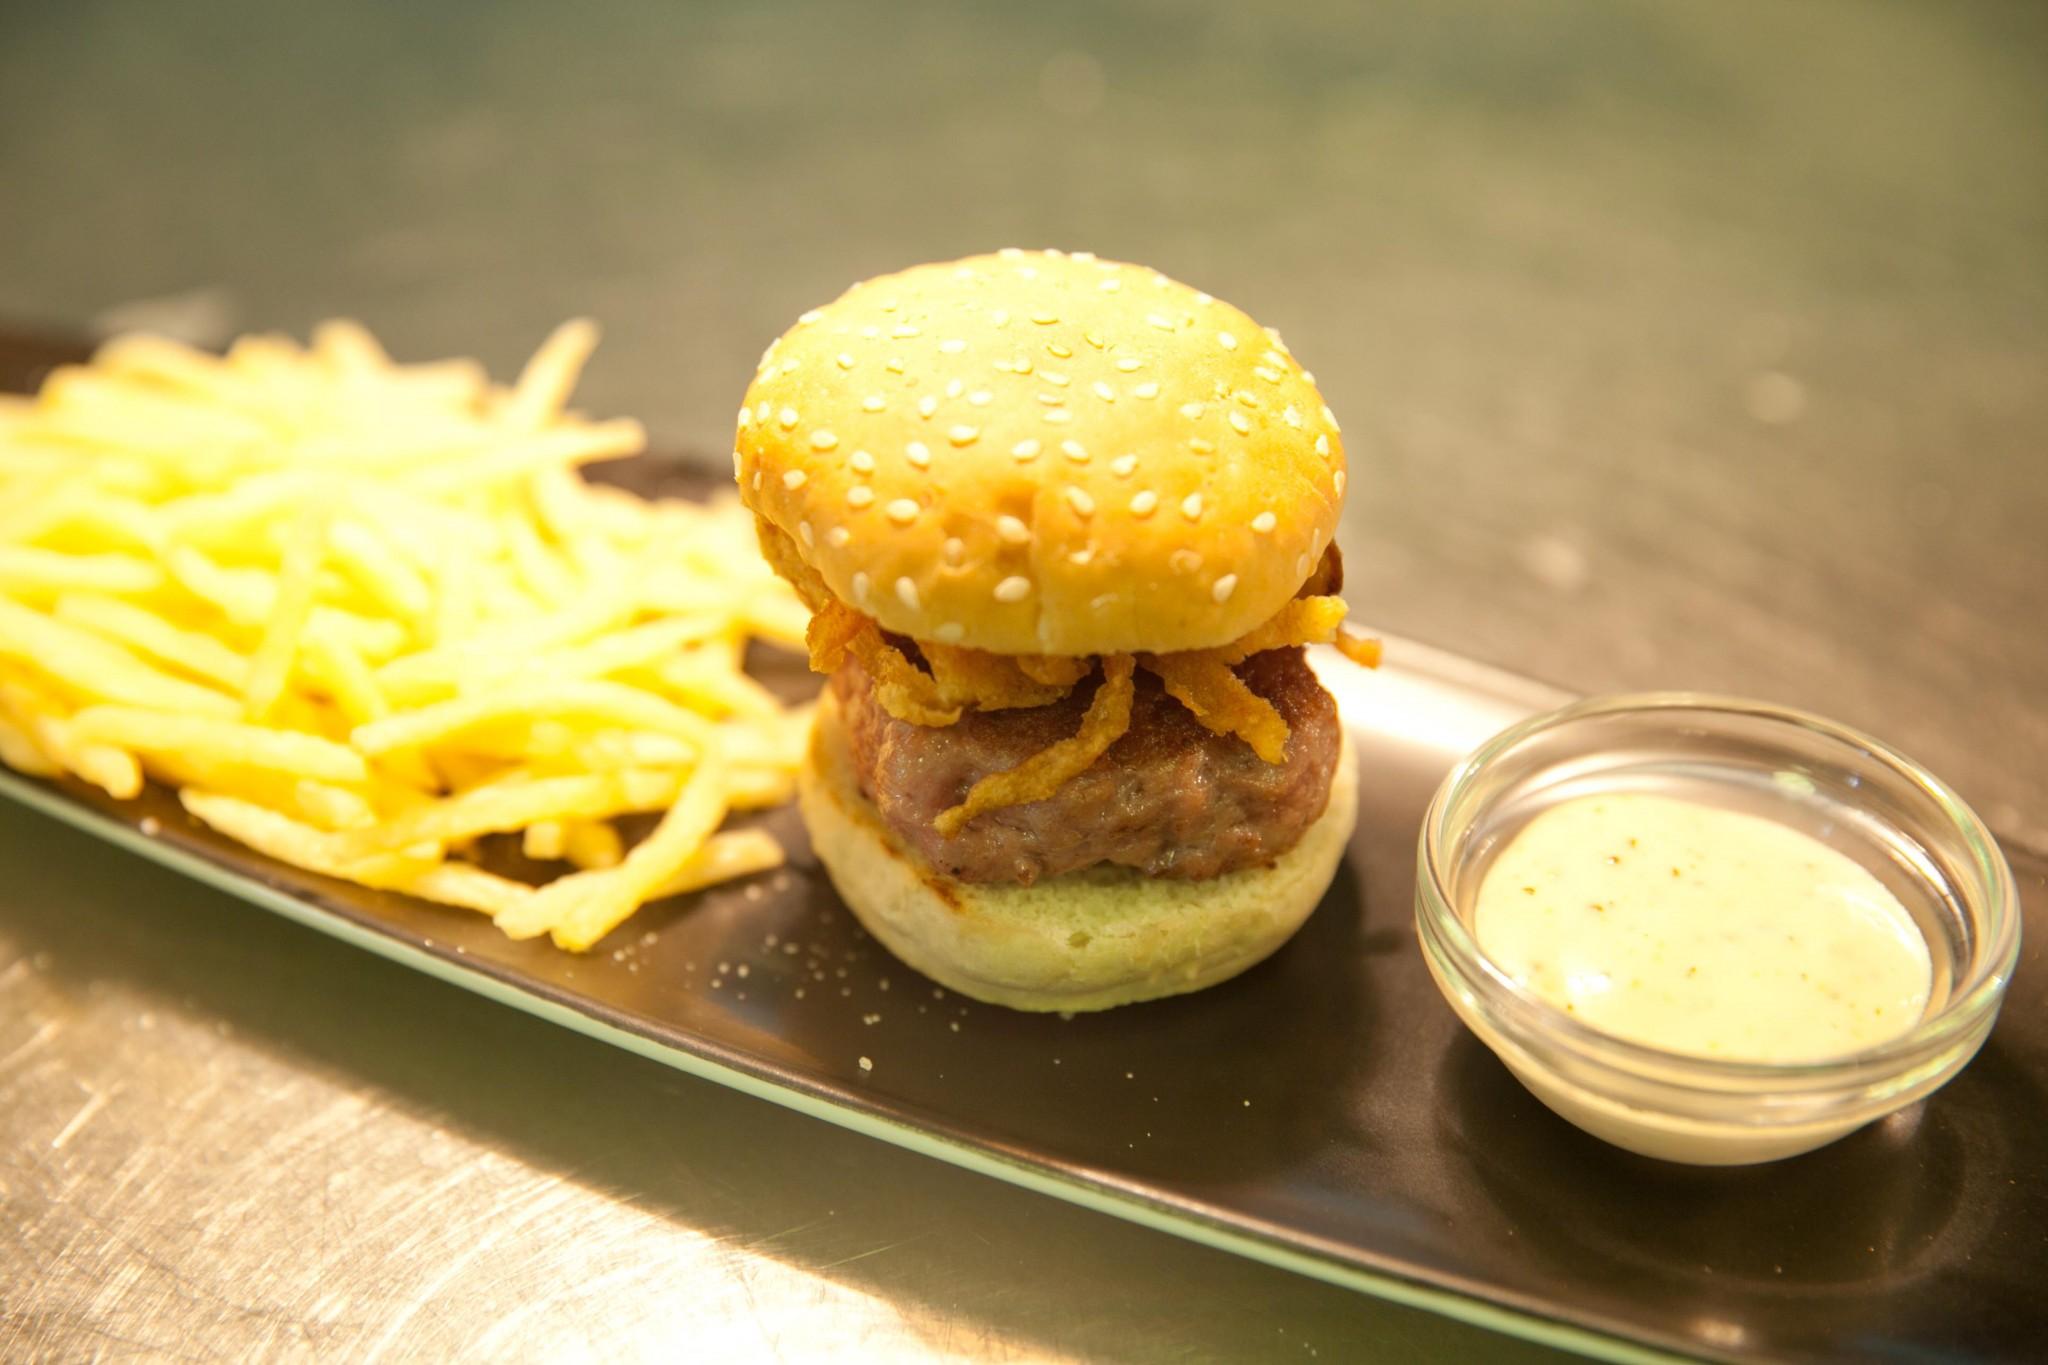 Minihamburguesa de chato murciano con mostaza de Dijon y crujiente de cebolla.